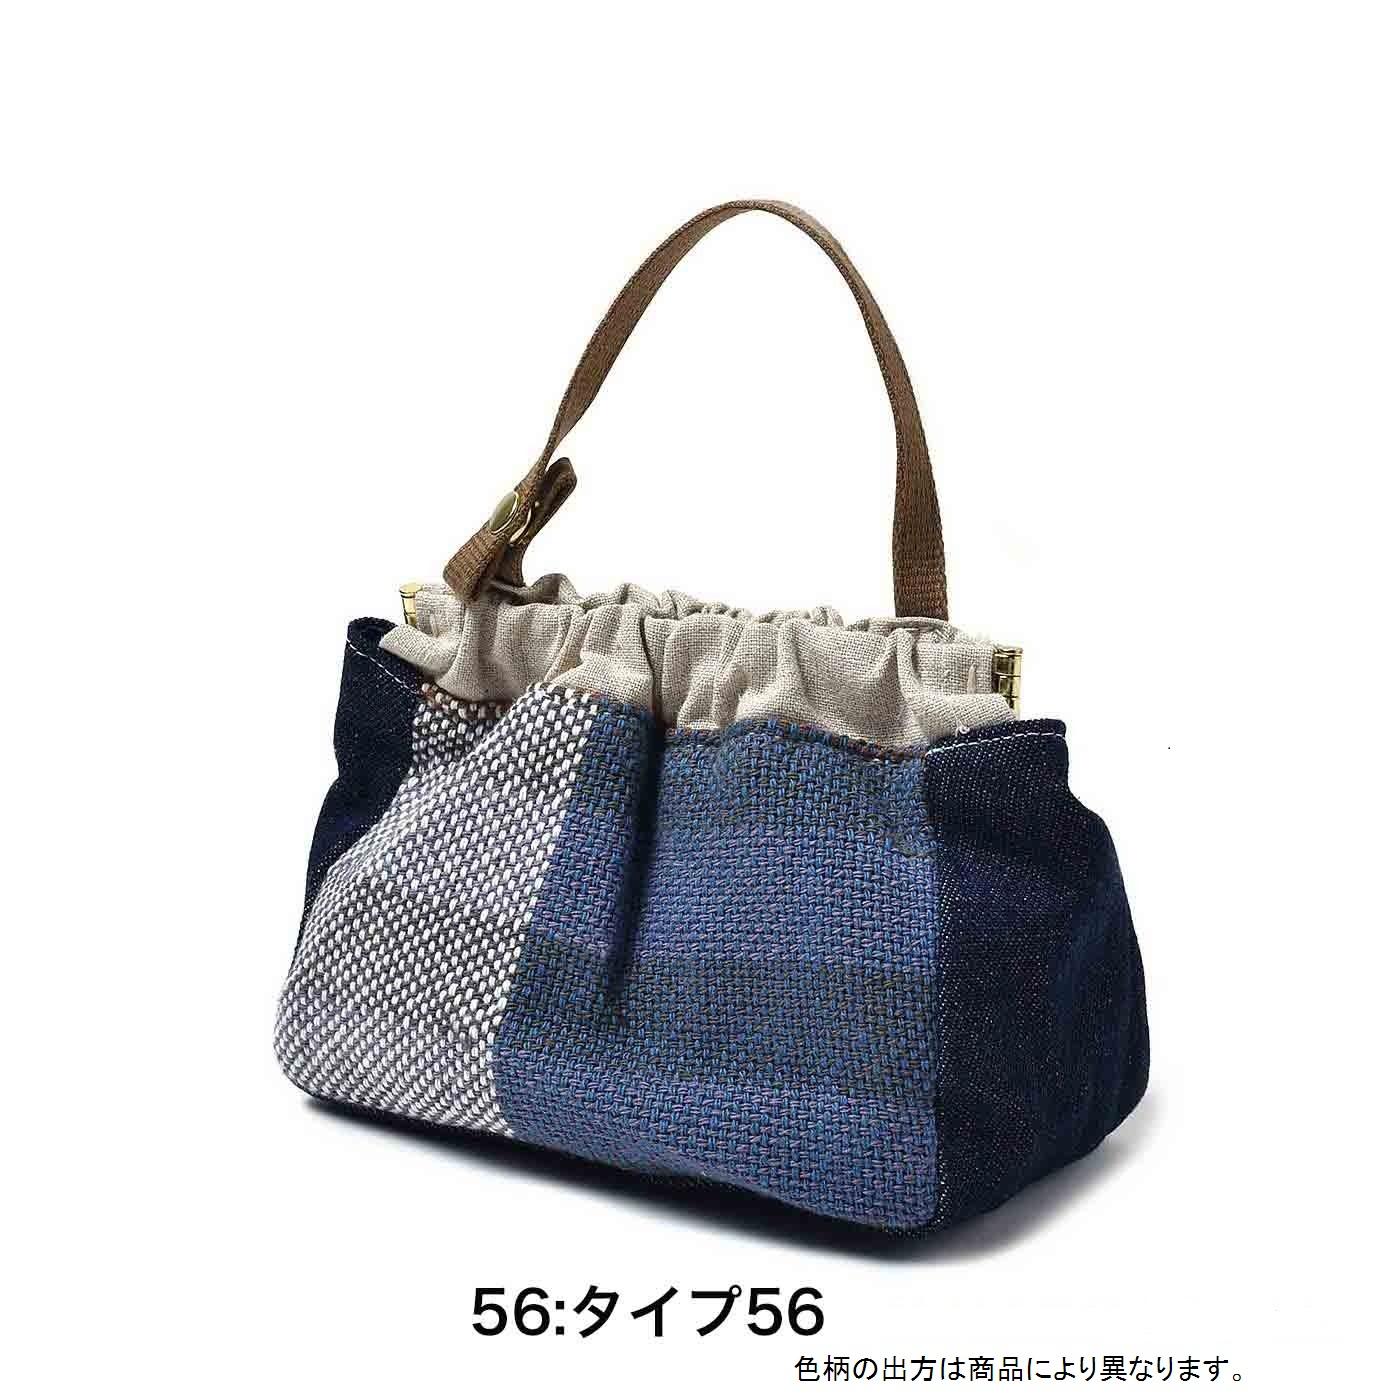 ホック付きだから、お手持ちのバッグの持ち手に取り付けることも。